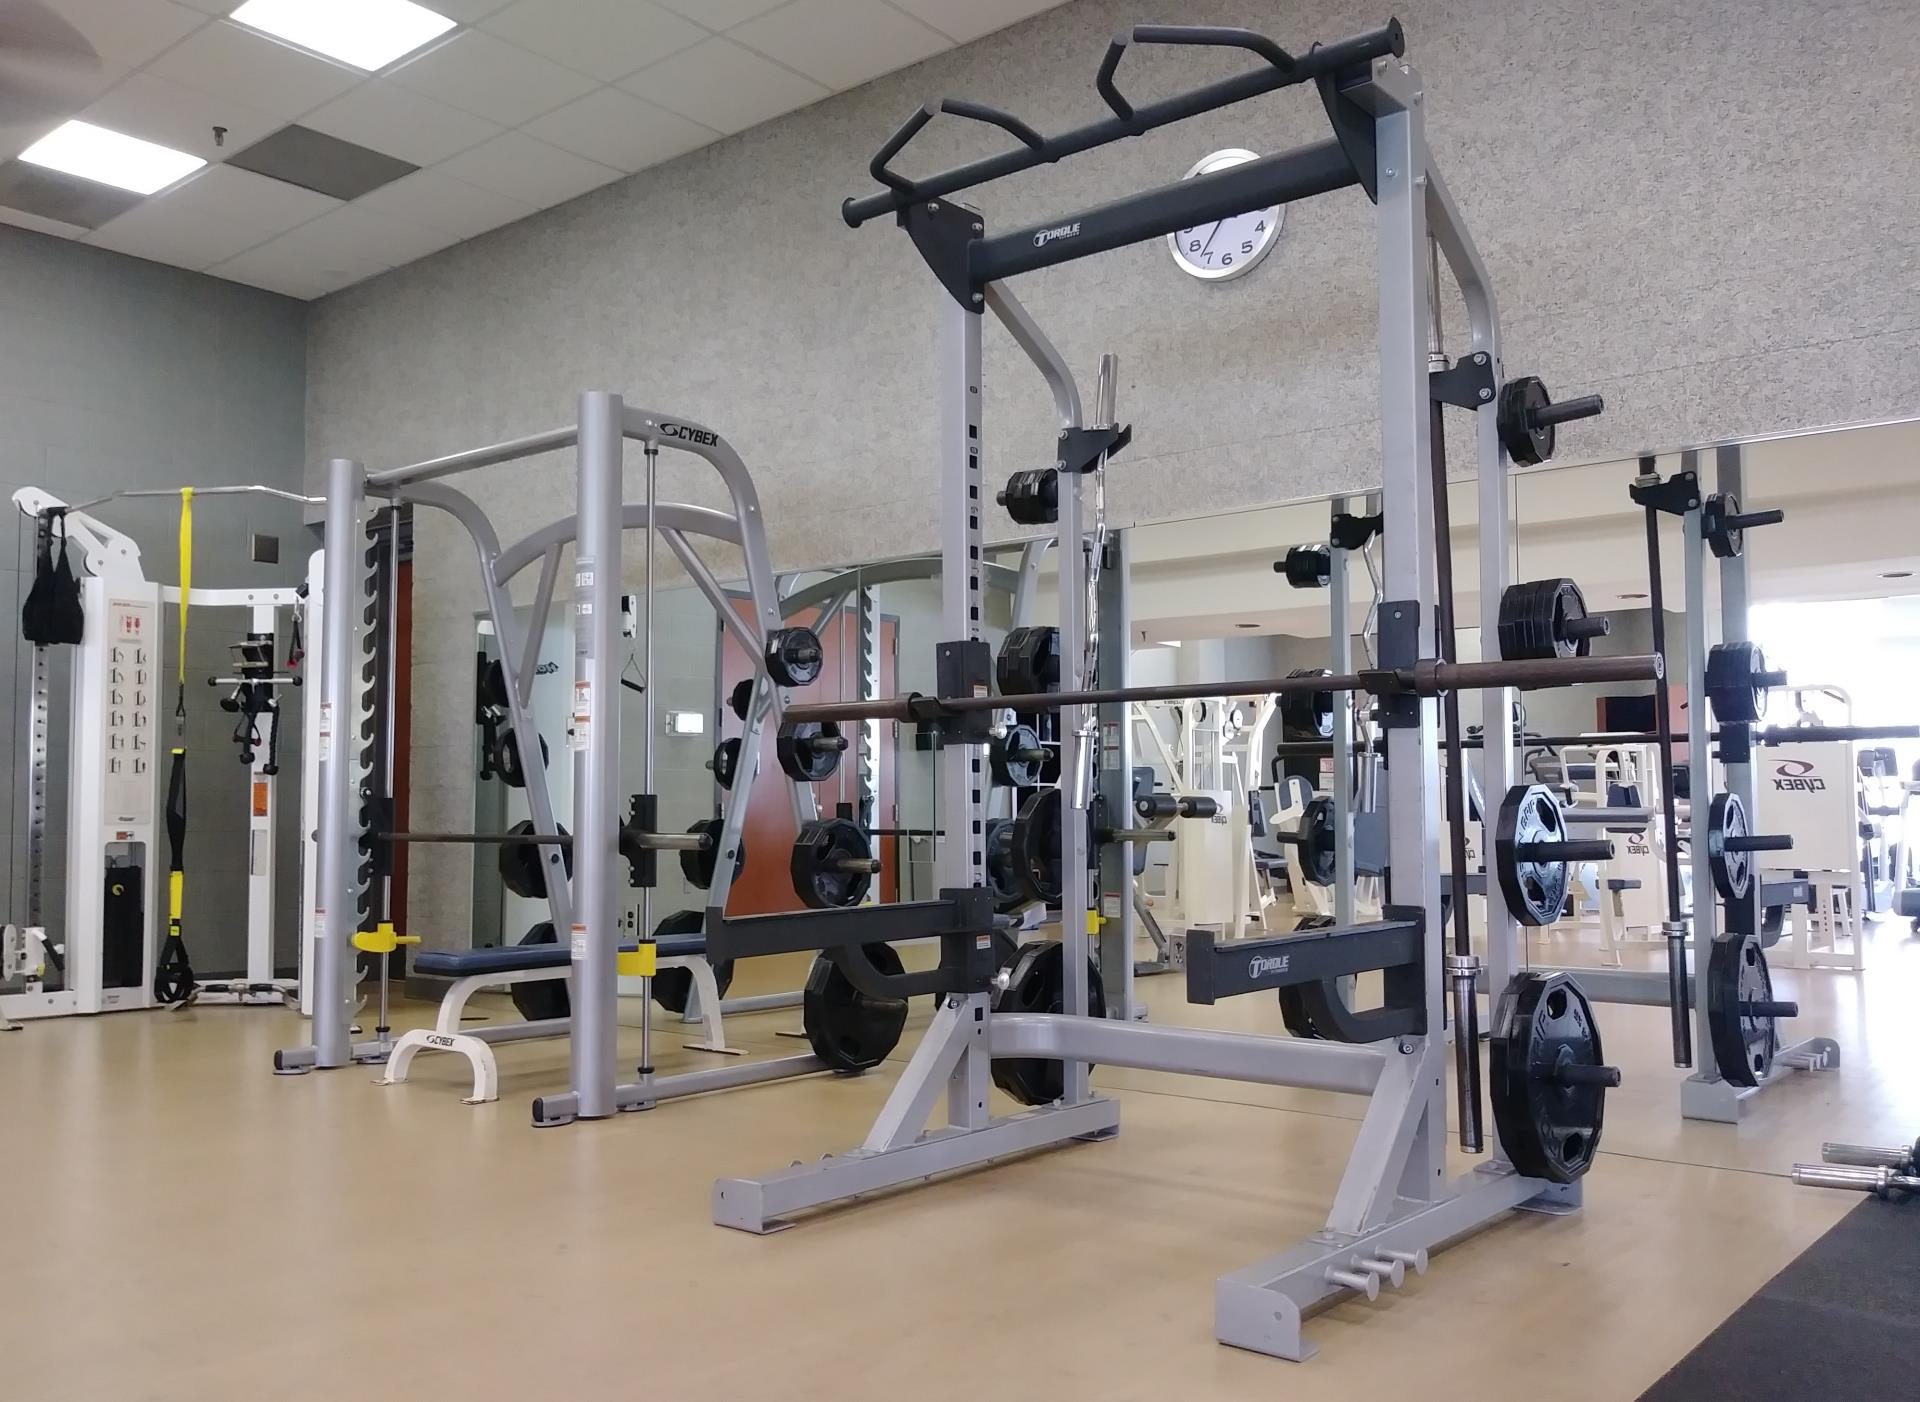 Fitness room town of herndon va